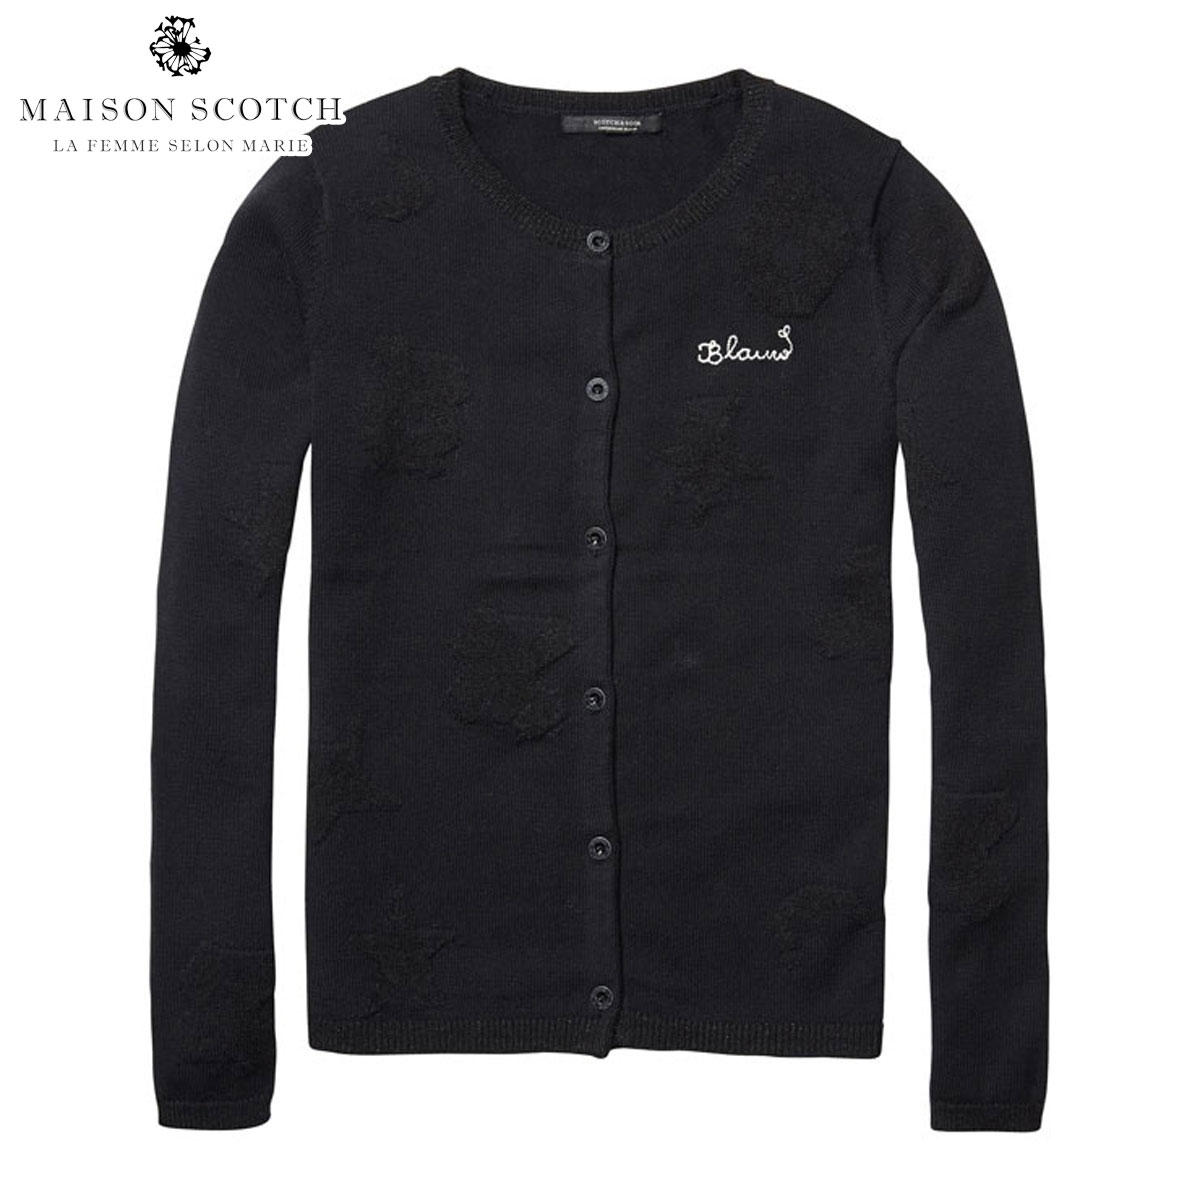 メゾンスコッチ MAISON SCOTCH 正規販売店 レディース カーディガン Basic cardigan 134049 18